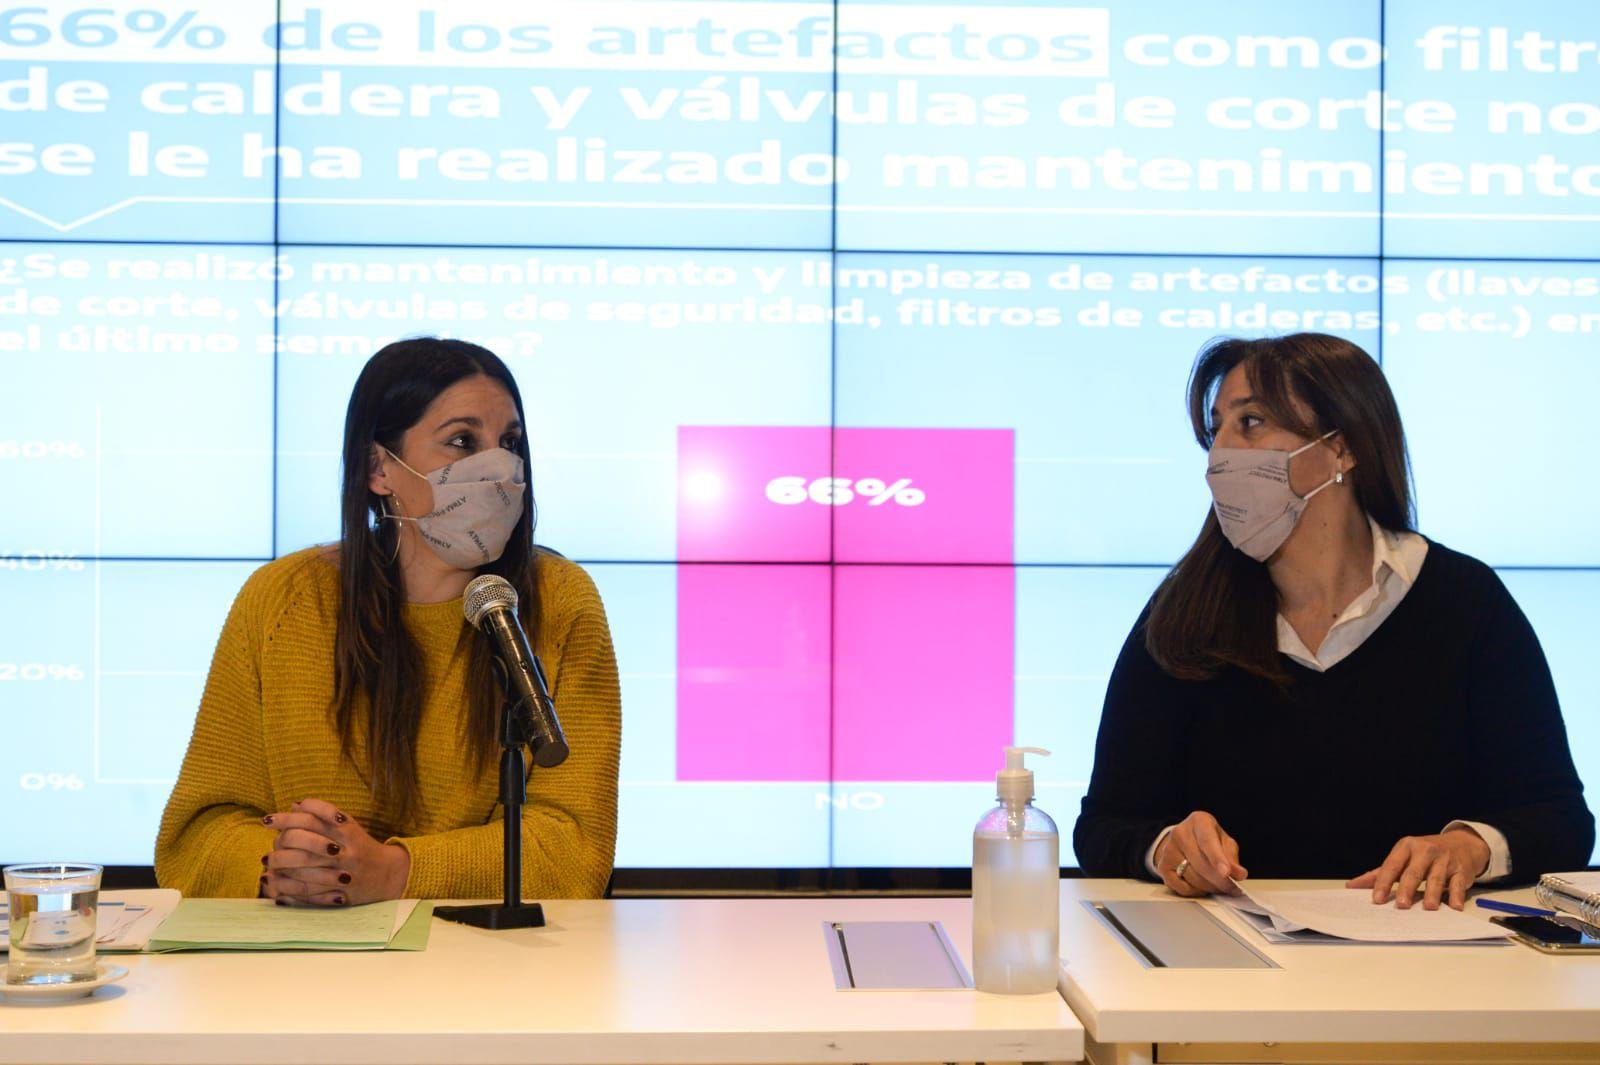 Las legisladoras Natalia Vicencio y Laura Soto. Gentileza Frente de Todos